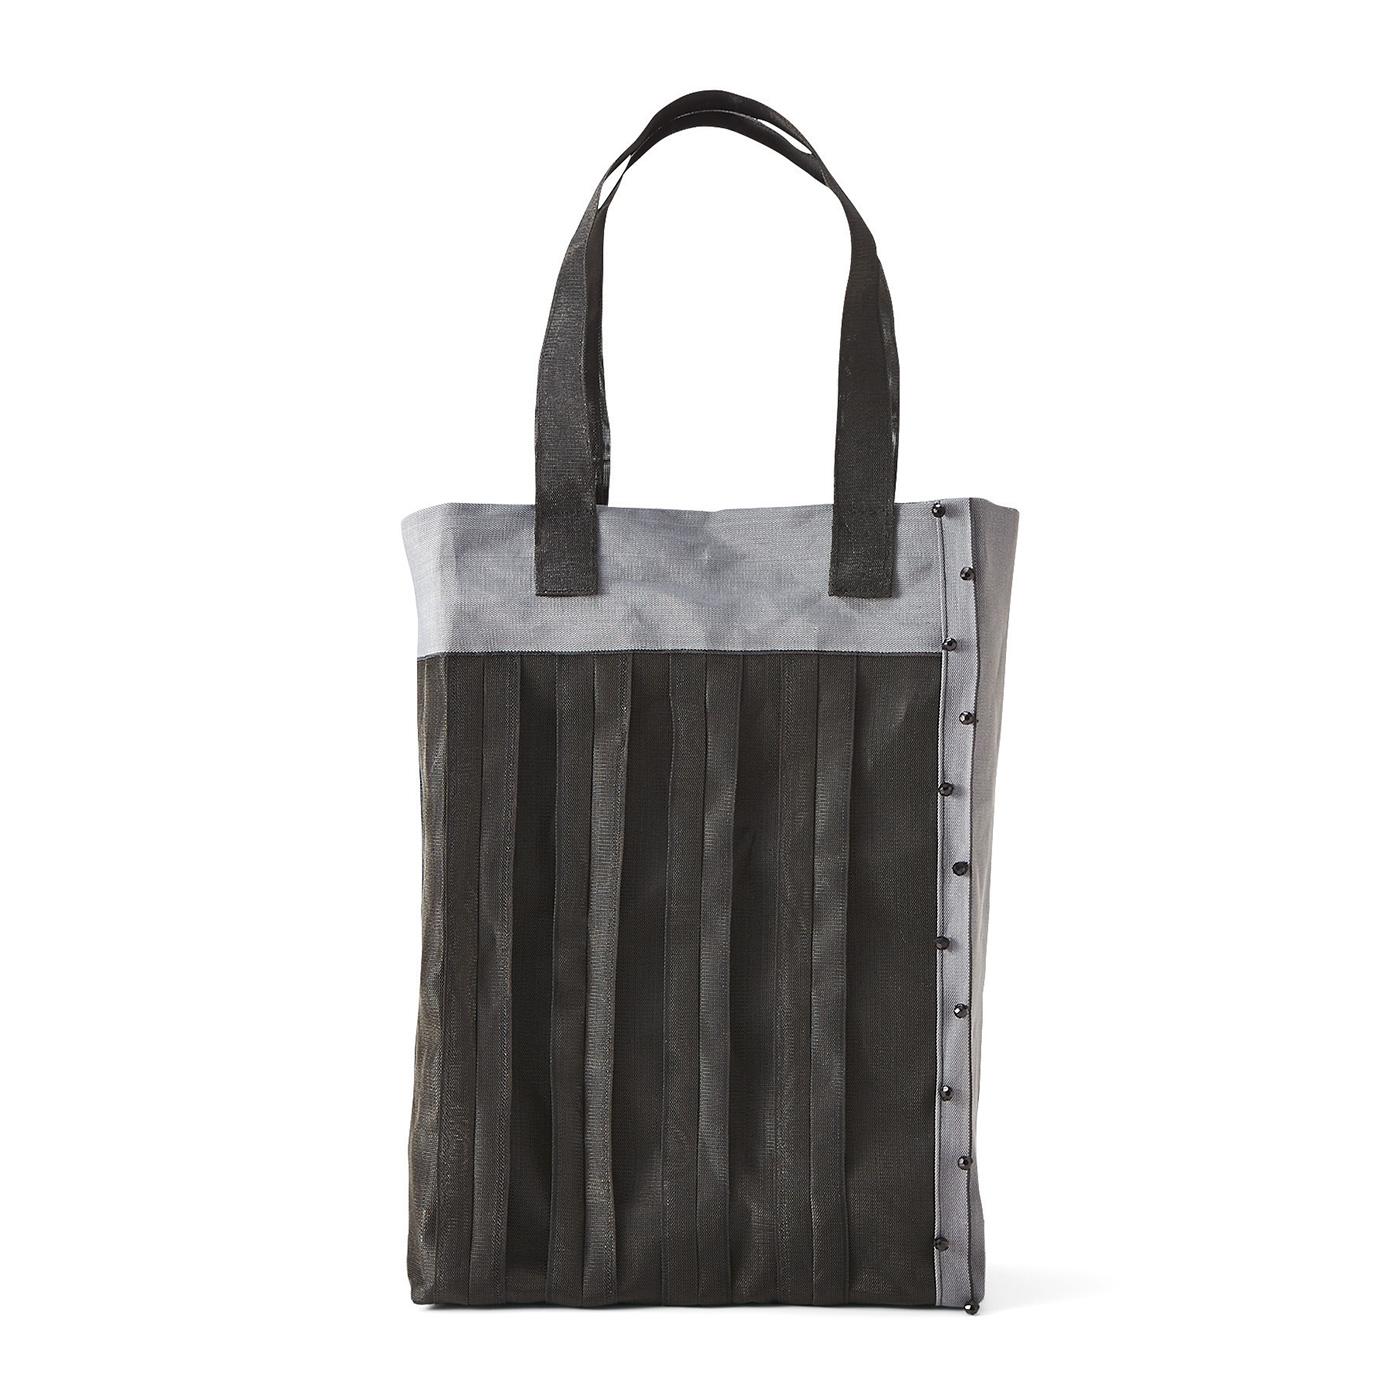 漆黒(しっこく)色の縦型トートバッグ 縦約33.5cm、横約29cm、まち幅約5cm